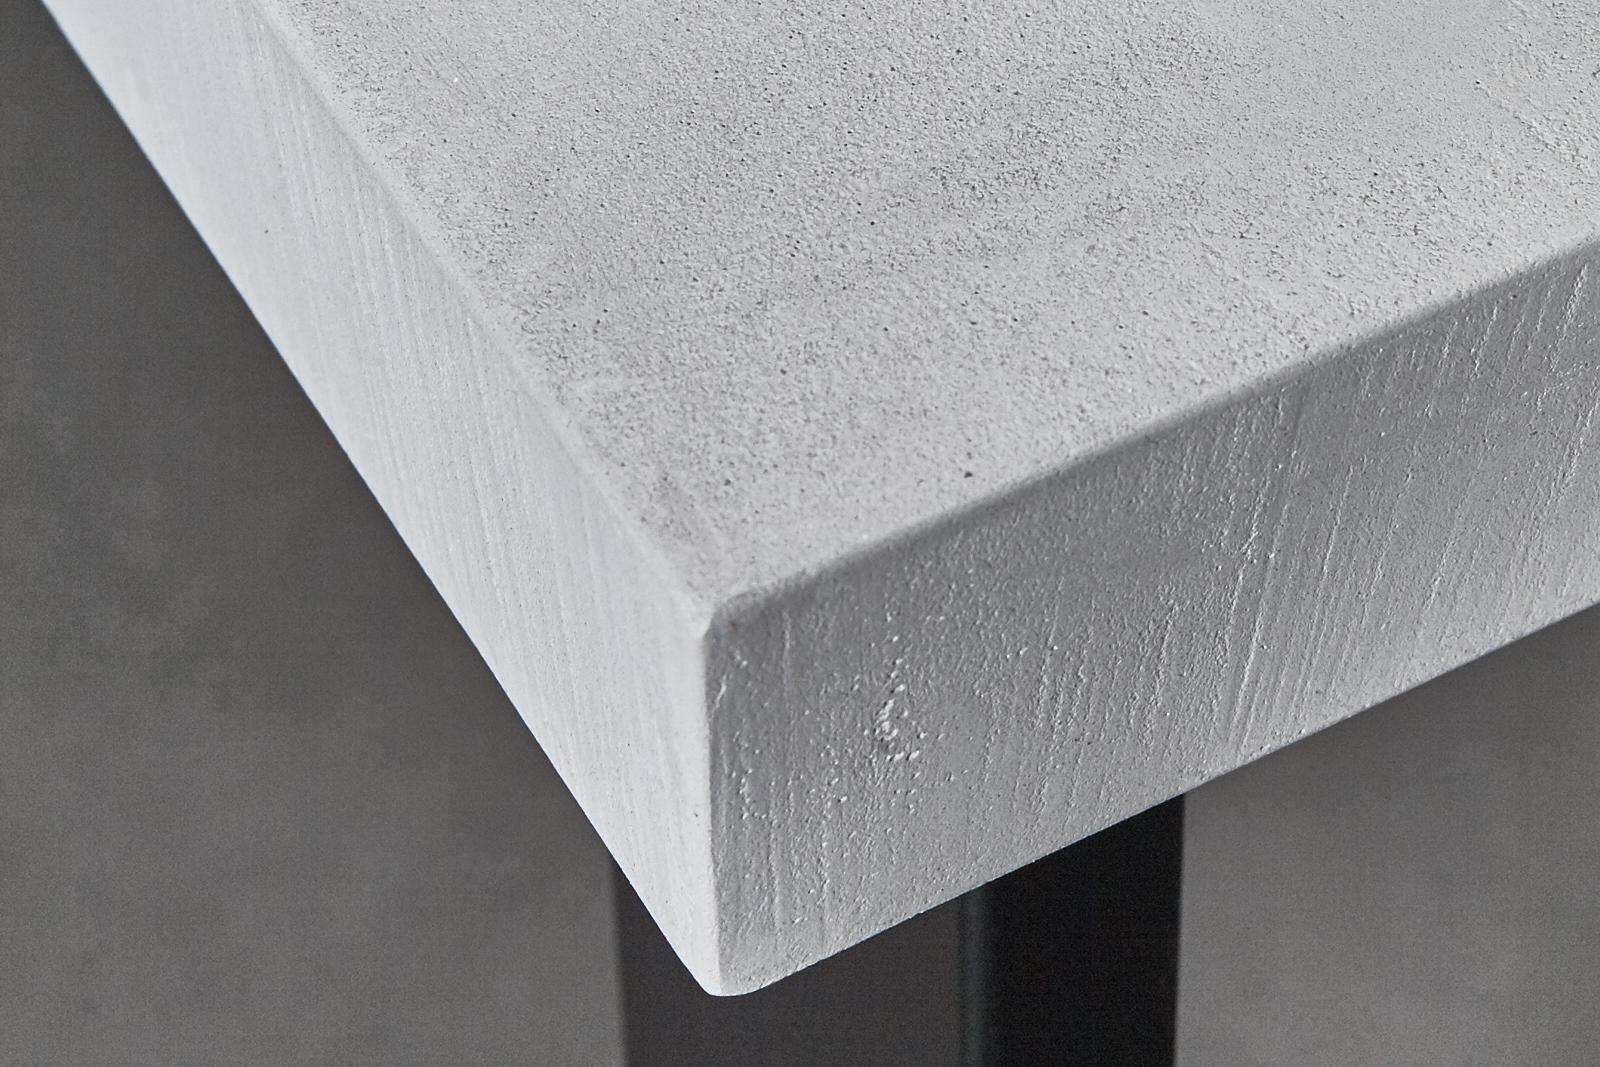 Home / Tafels / Tafels / Betonlook Tafel u2013 Onderstel Staal Zwart